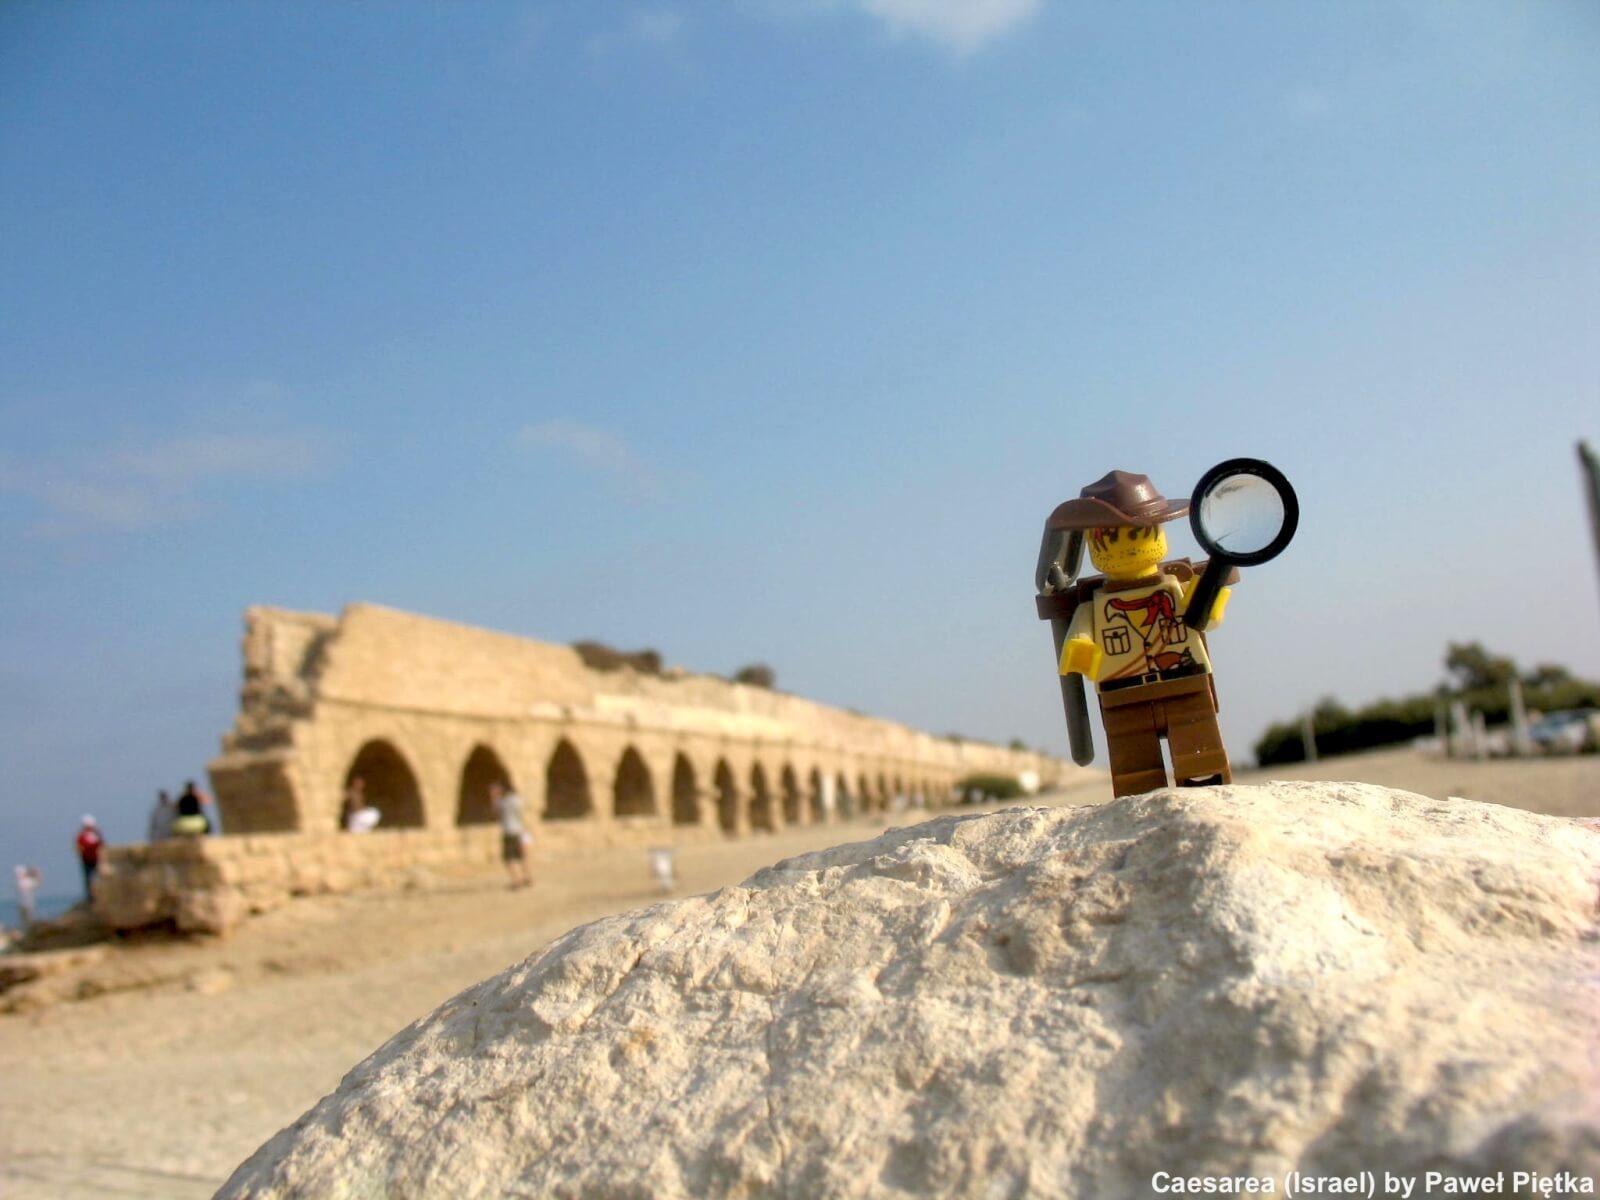 Caesarea (Israel) - Aqueduct